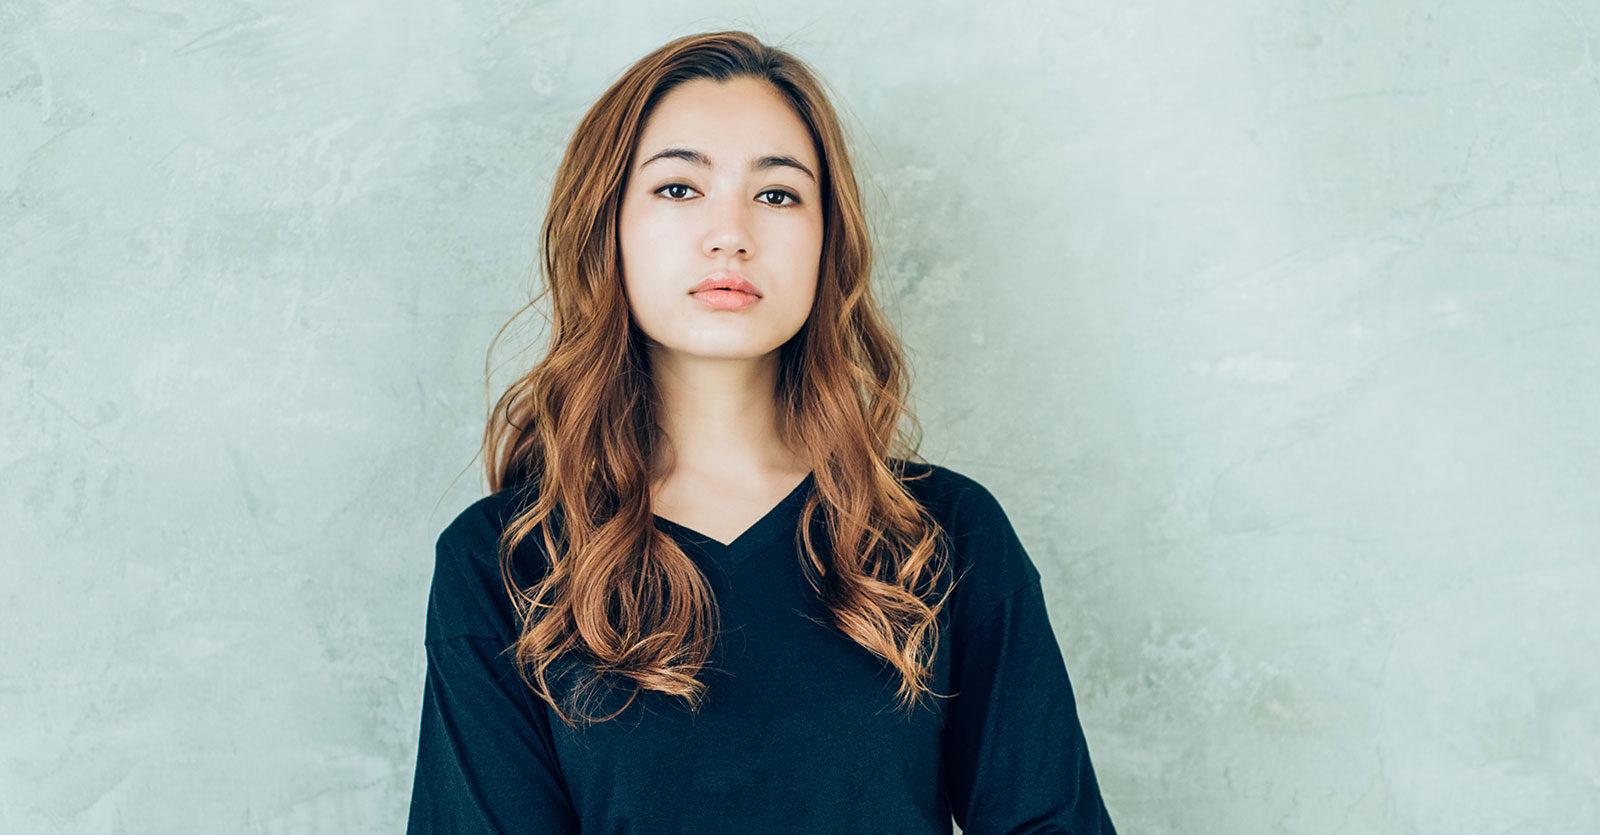 ヘア・メイク・ネイル・着付け・エステティック 総合美容サロンのアンティムグループ